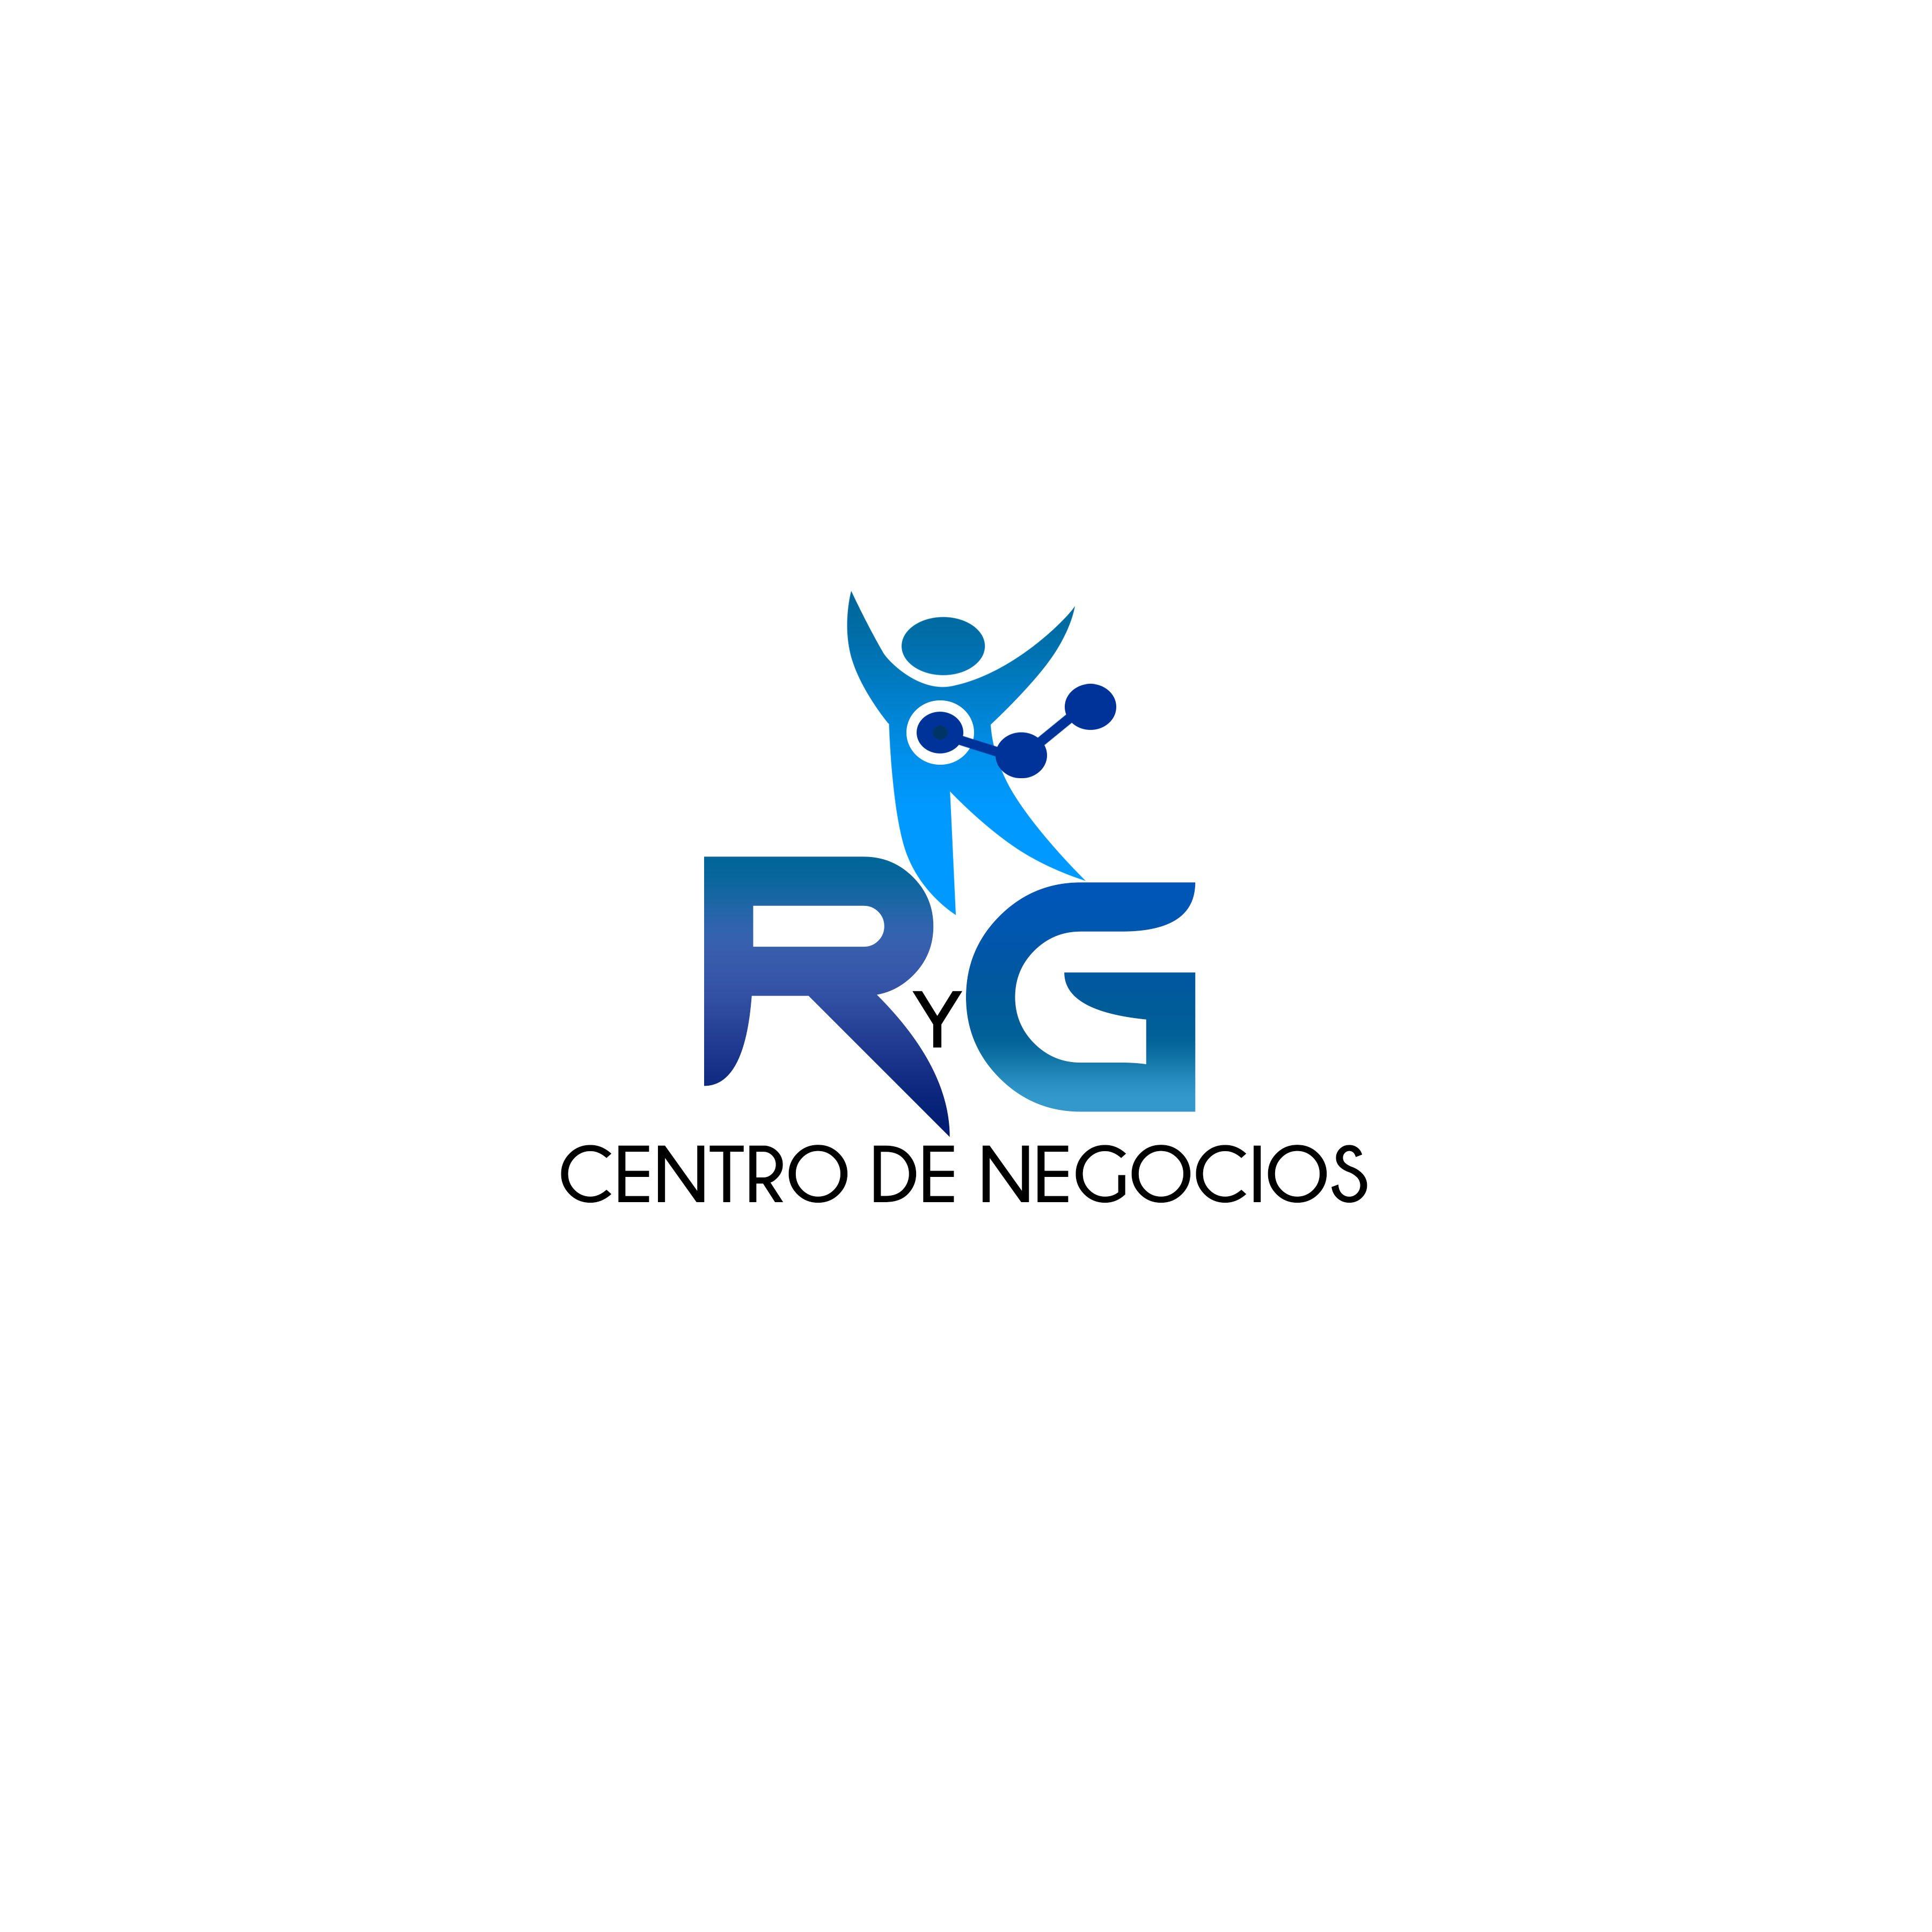 Bolsa de trabajo en Los Olivos en Lima | Computrabajo Perú